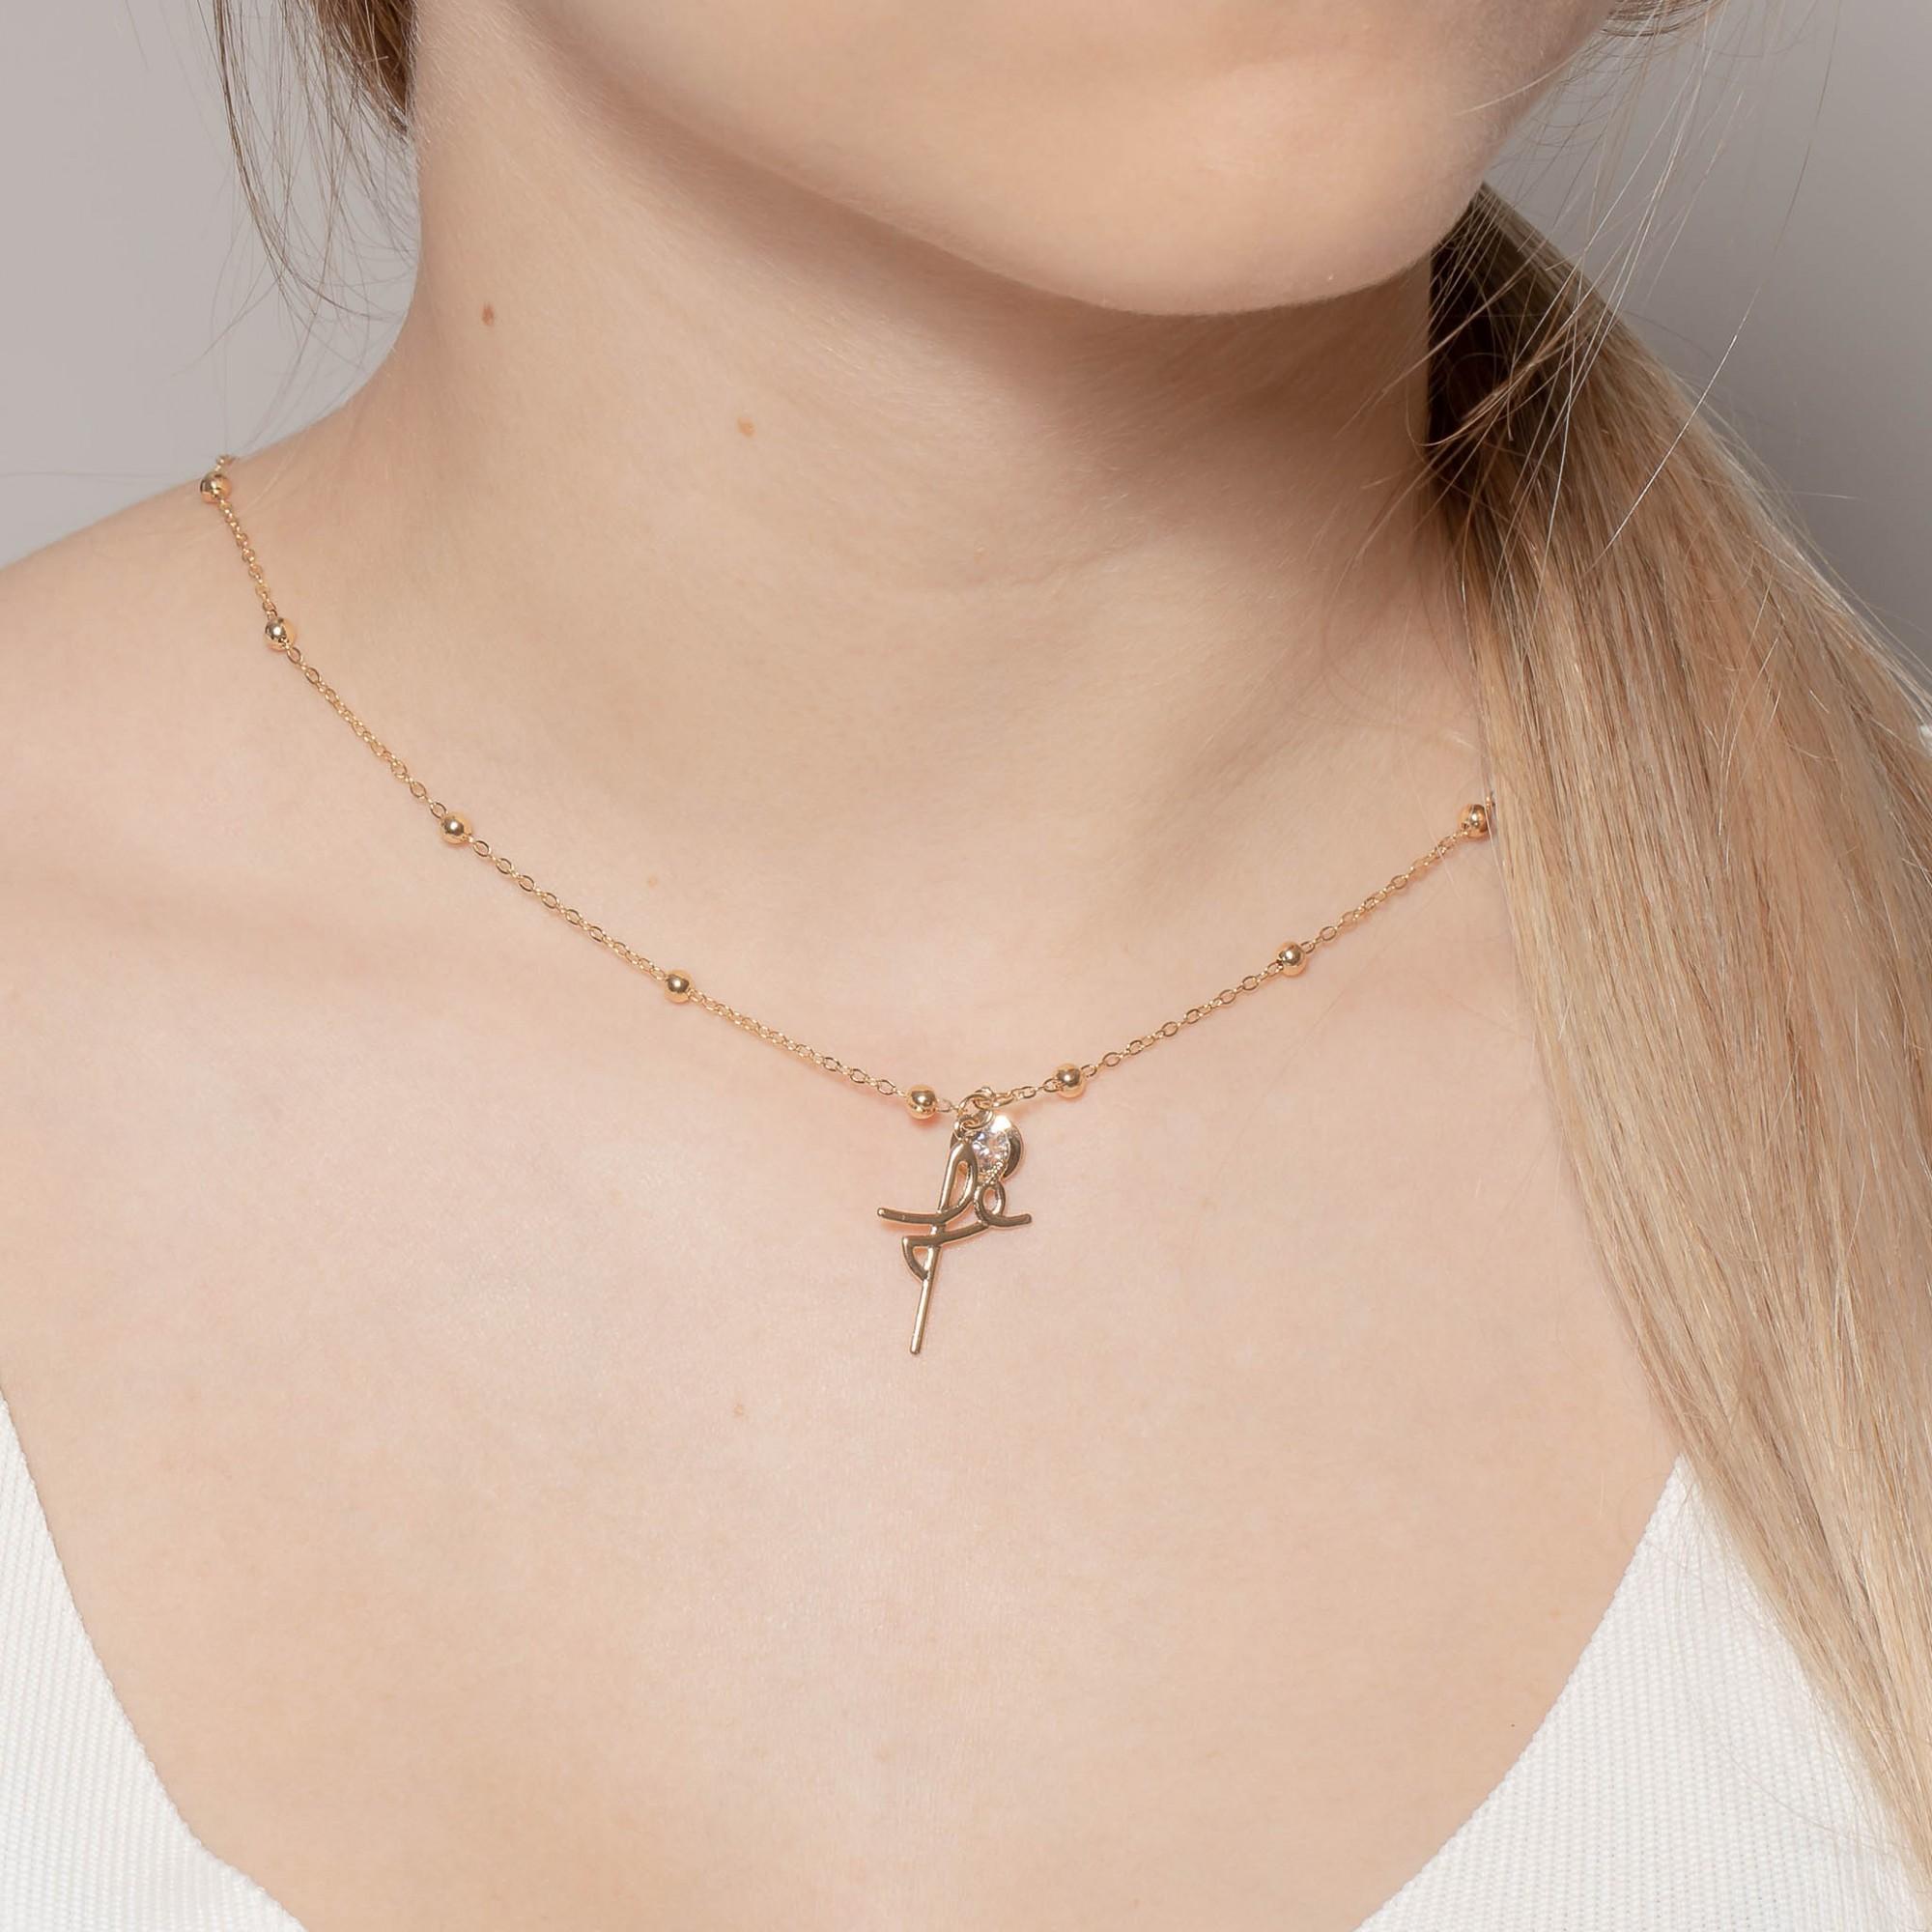 Colar com pendente fé e zircônia banhado a ouro 18k.  - romabrazil.com.br